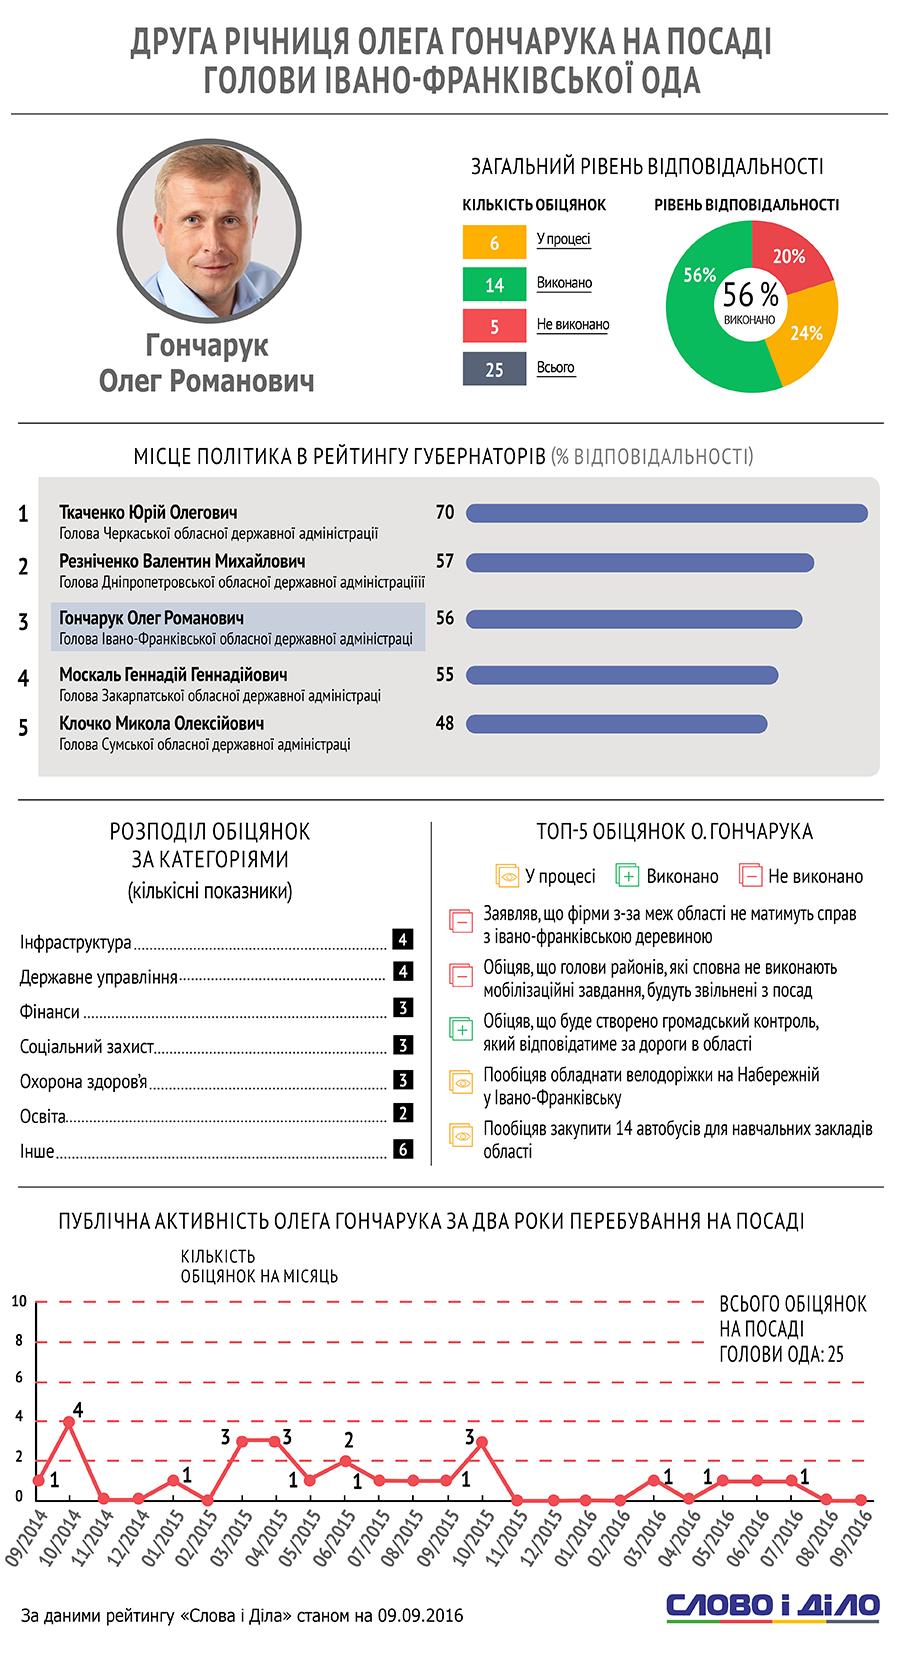 http://media.slovoidilo.ua/media/infographics/3/22586/22586-1_uk_large.png